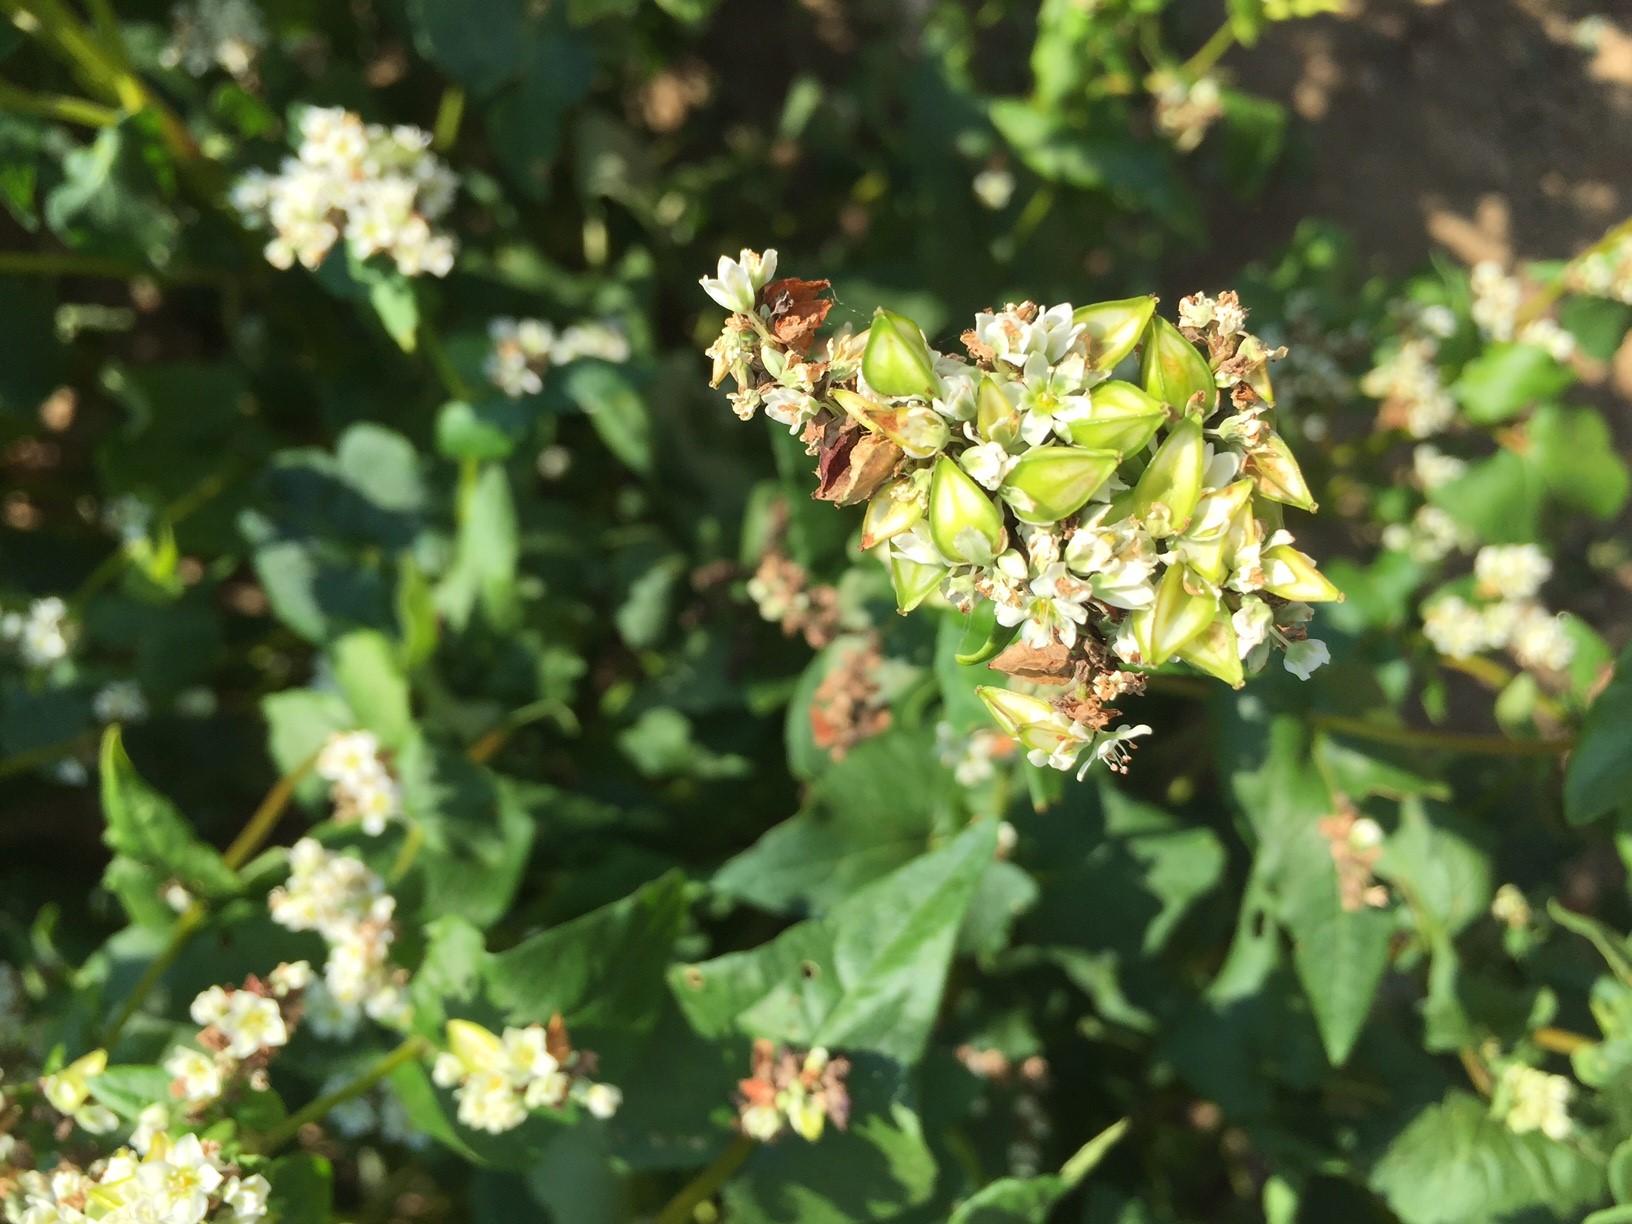 Buchweizenblüte